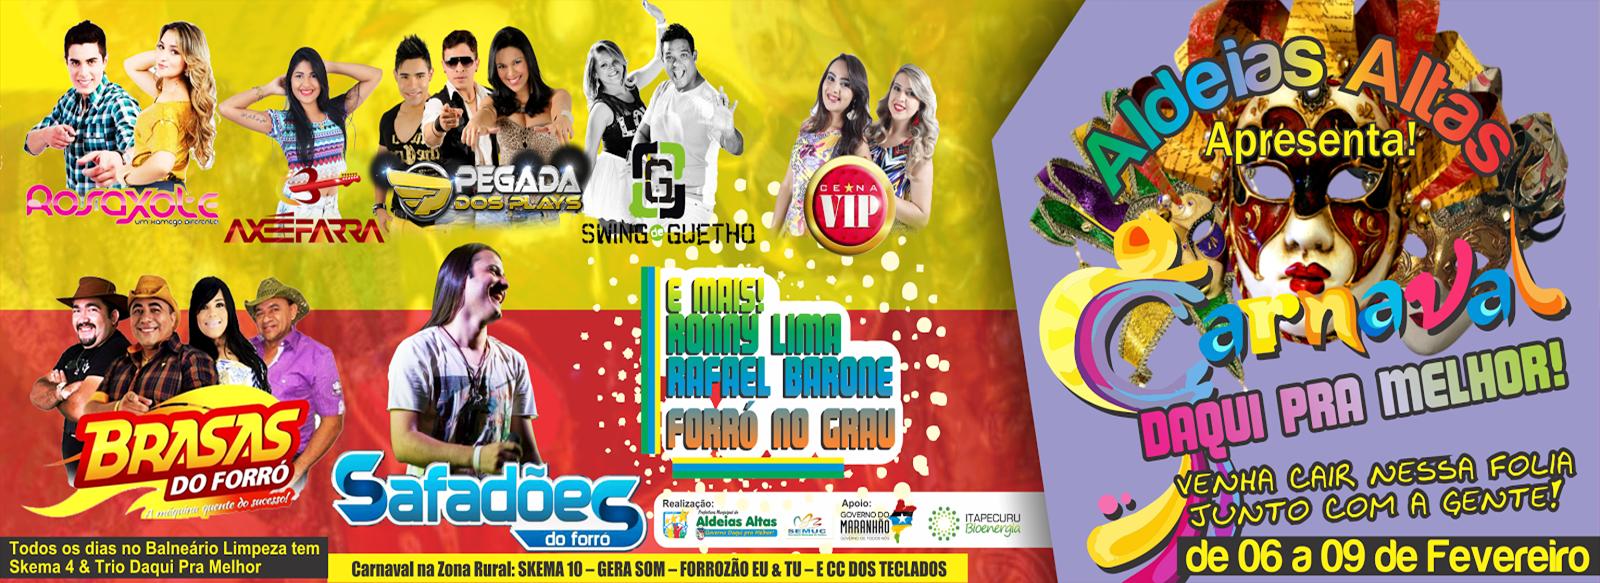 CarnavalAldeias